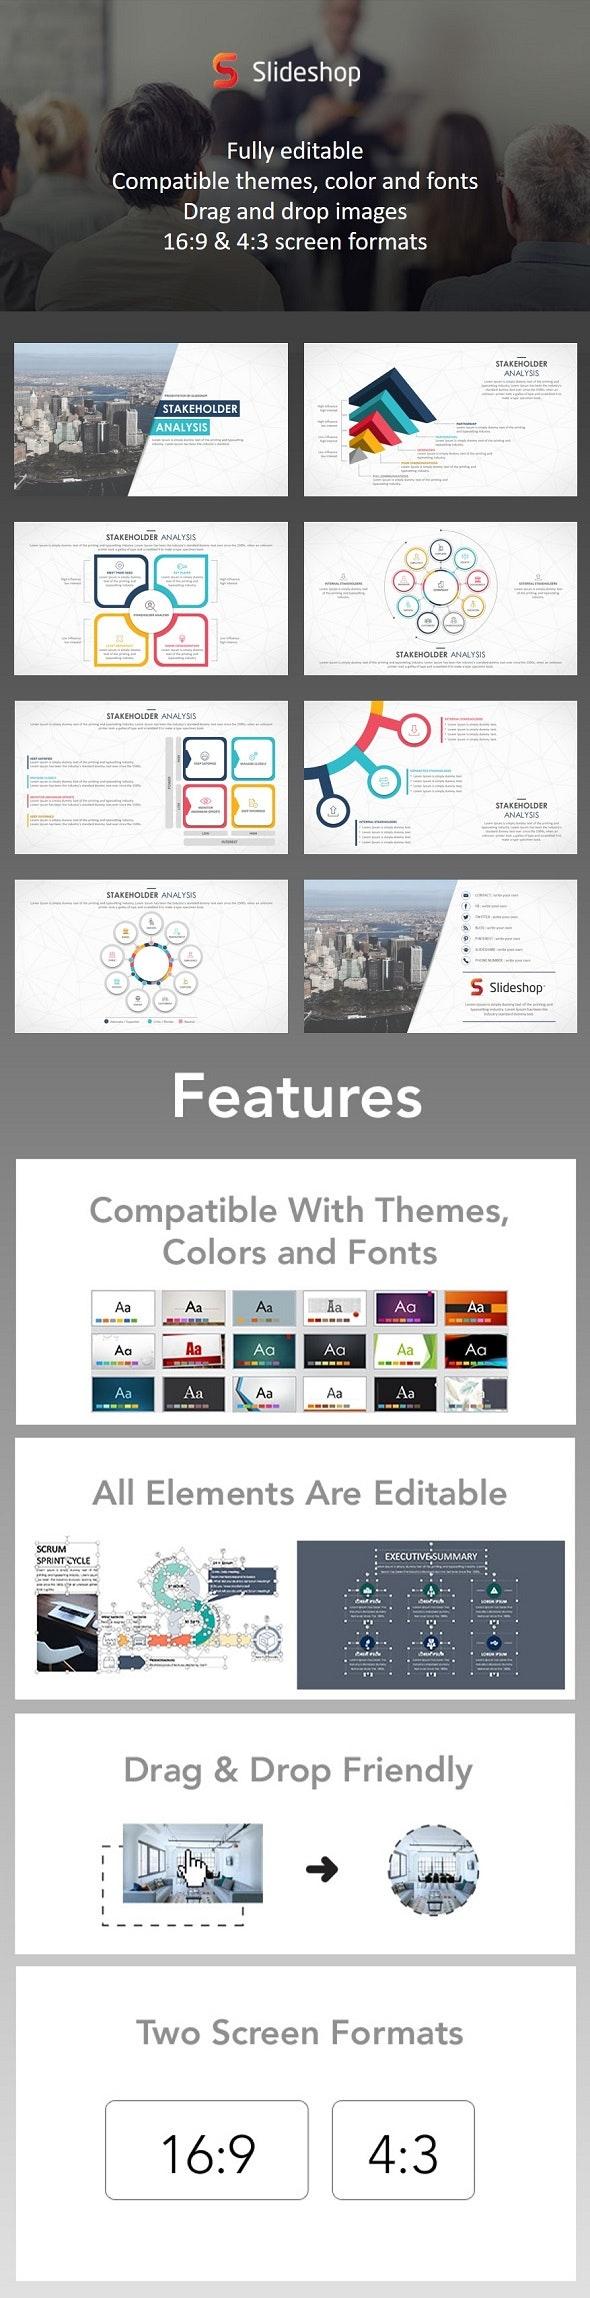 Stakeholder Analysis - PowerPoint Templates Presentation Templates